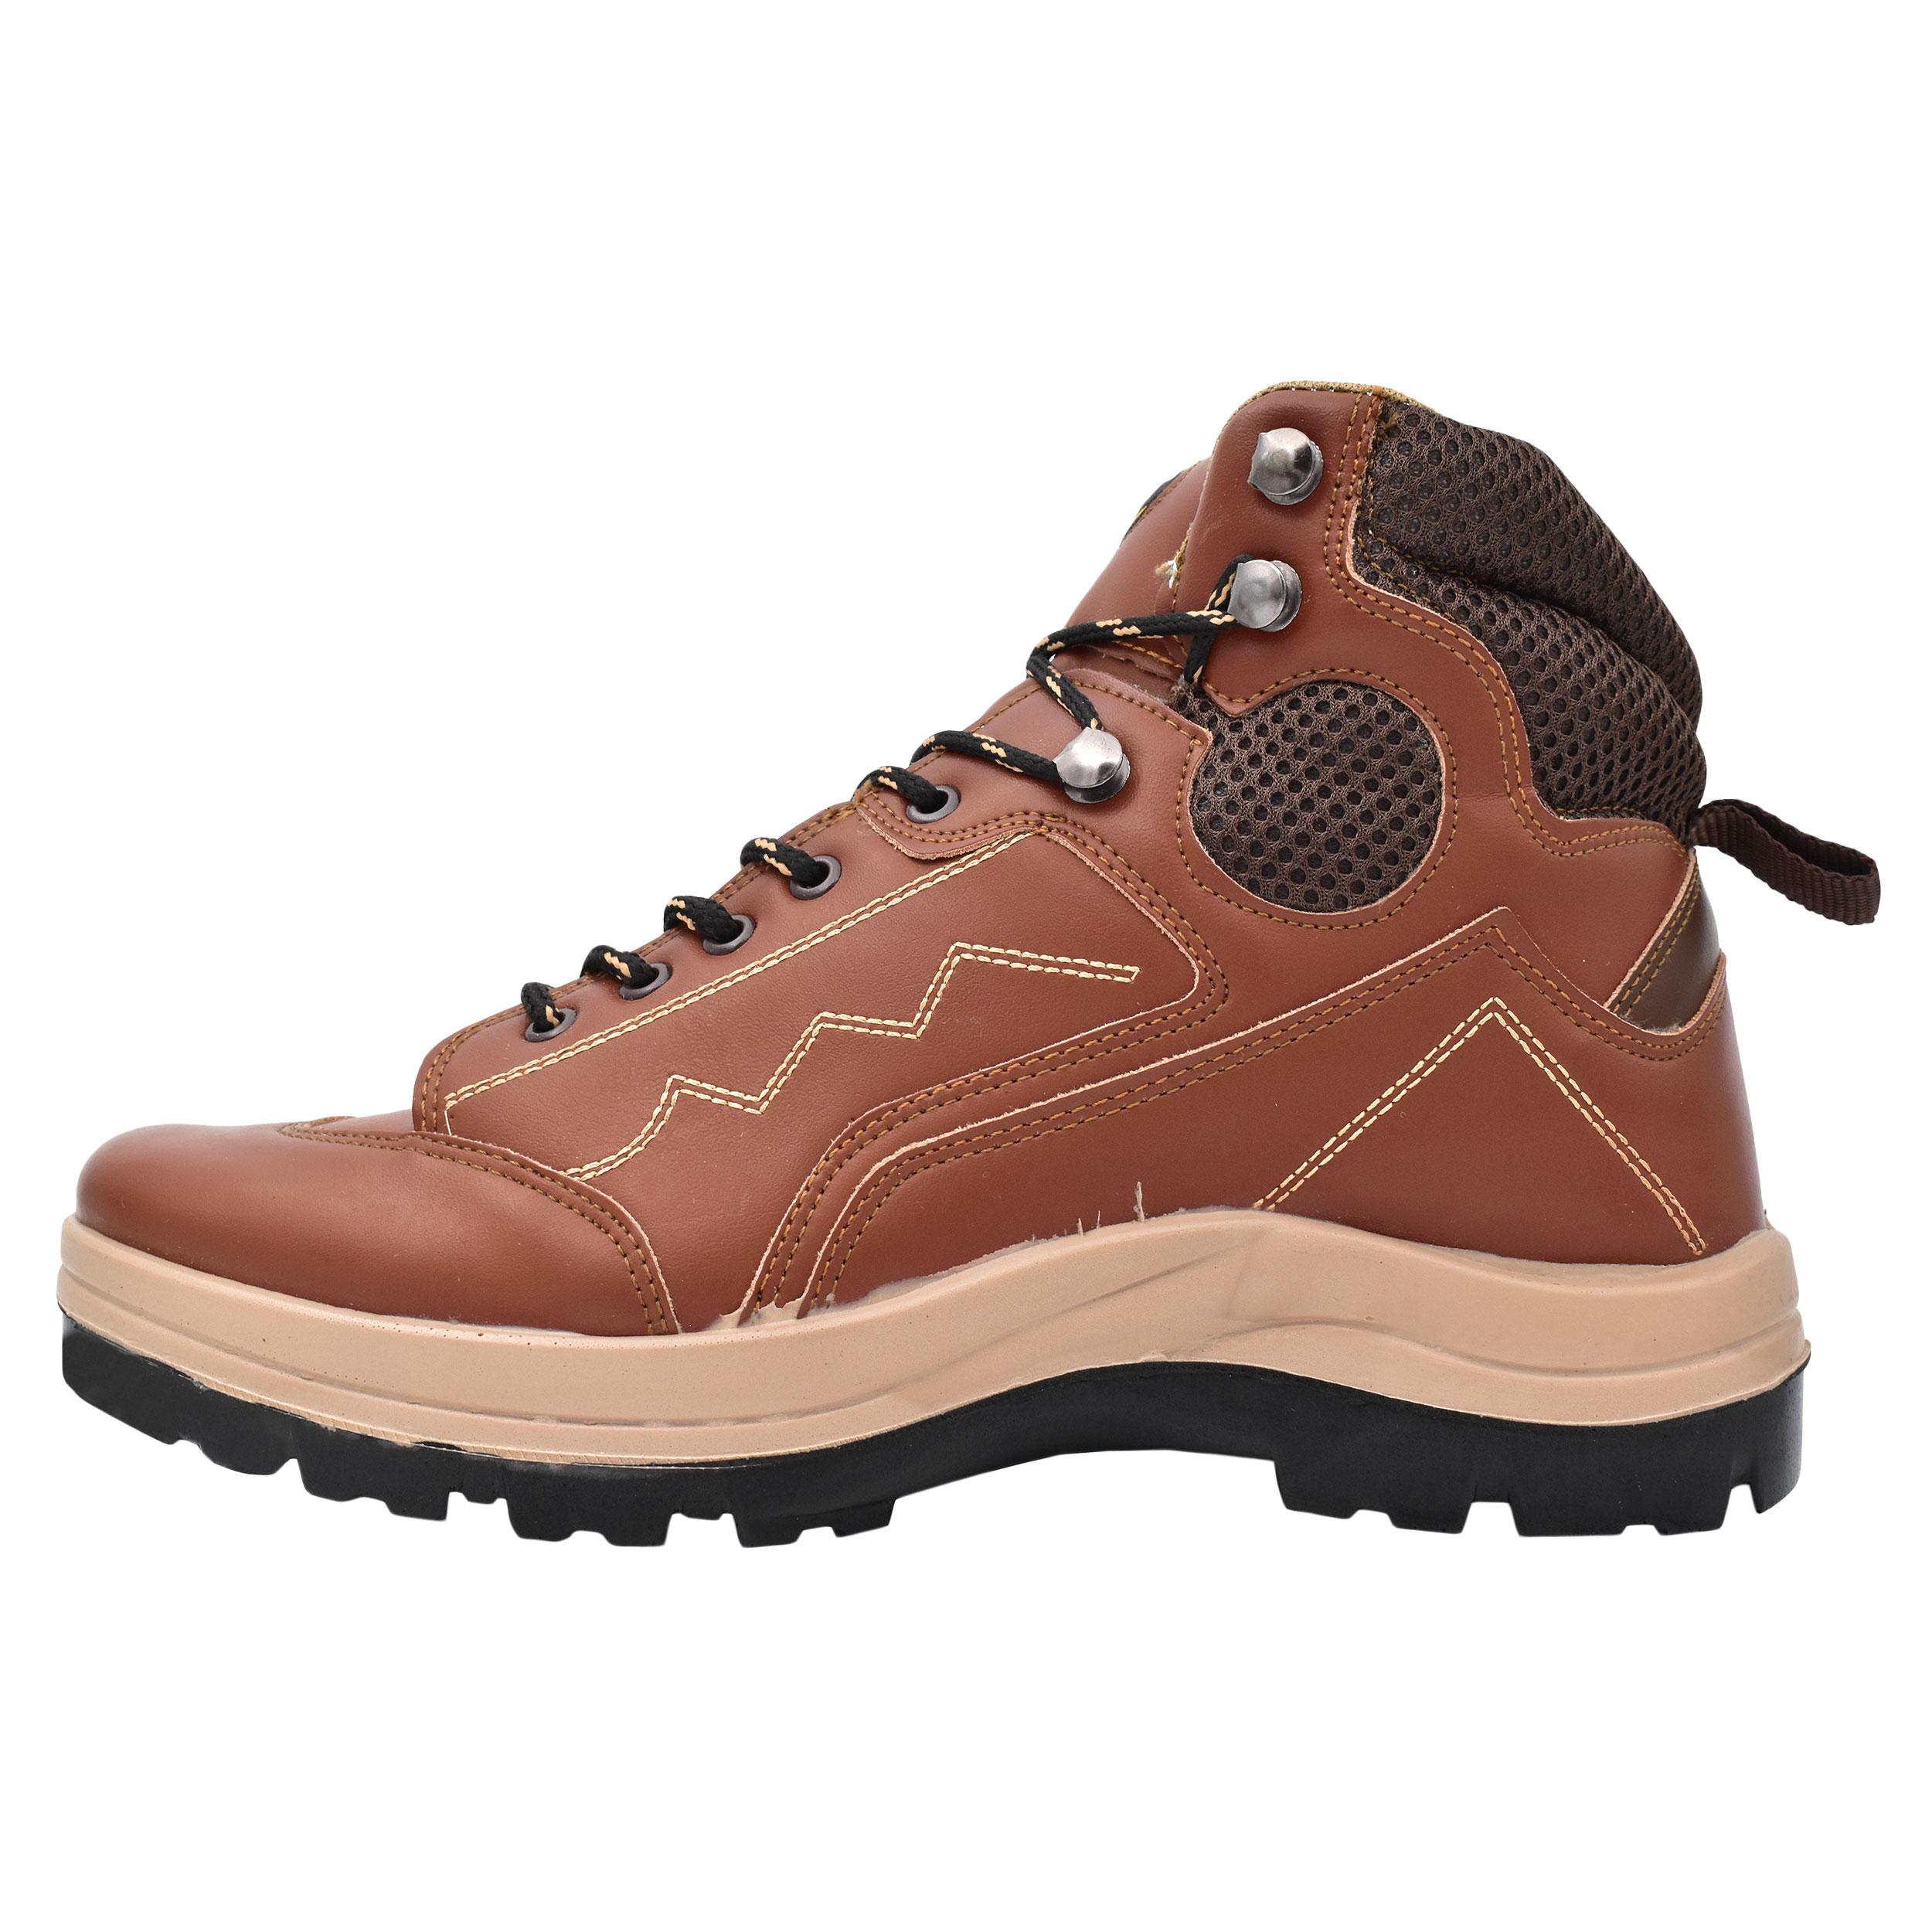 کفش کوهنوردی مردانه ای ال ام مدل BRS کد 2-7933